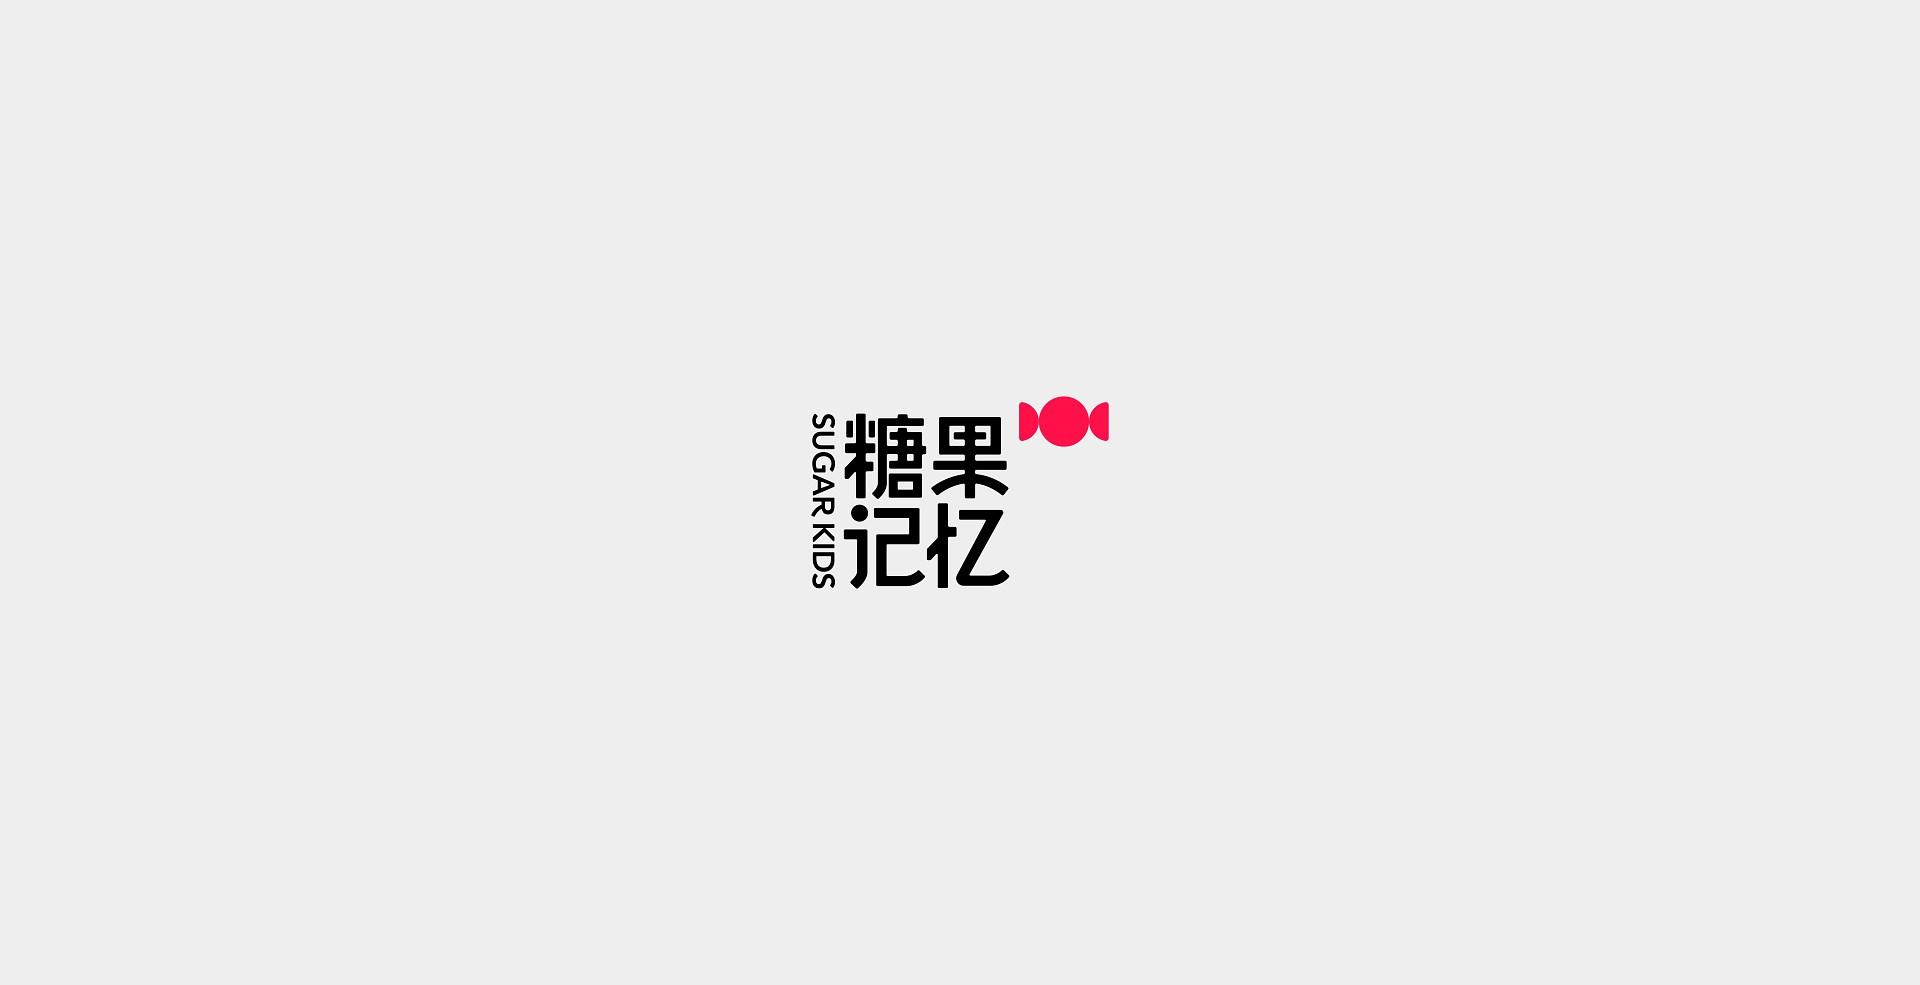 糖果记忆最终方案失量-18.jpg